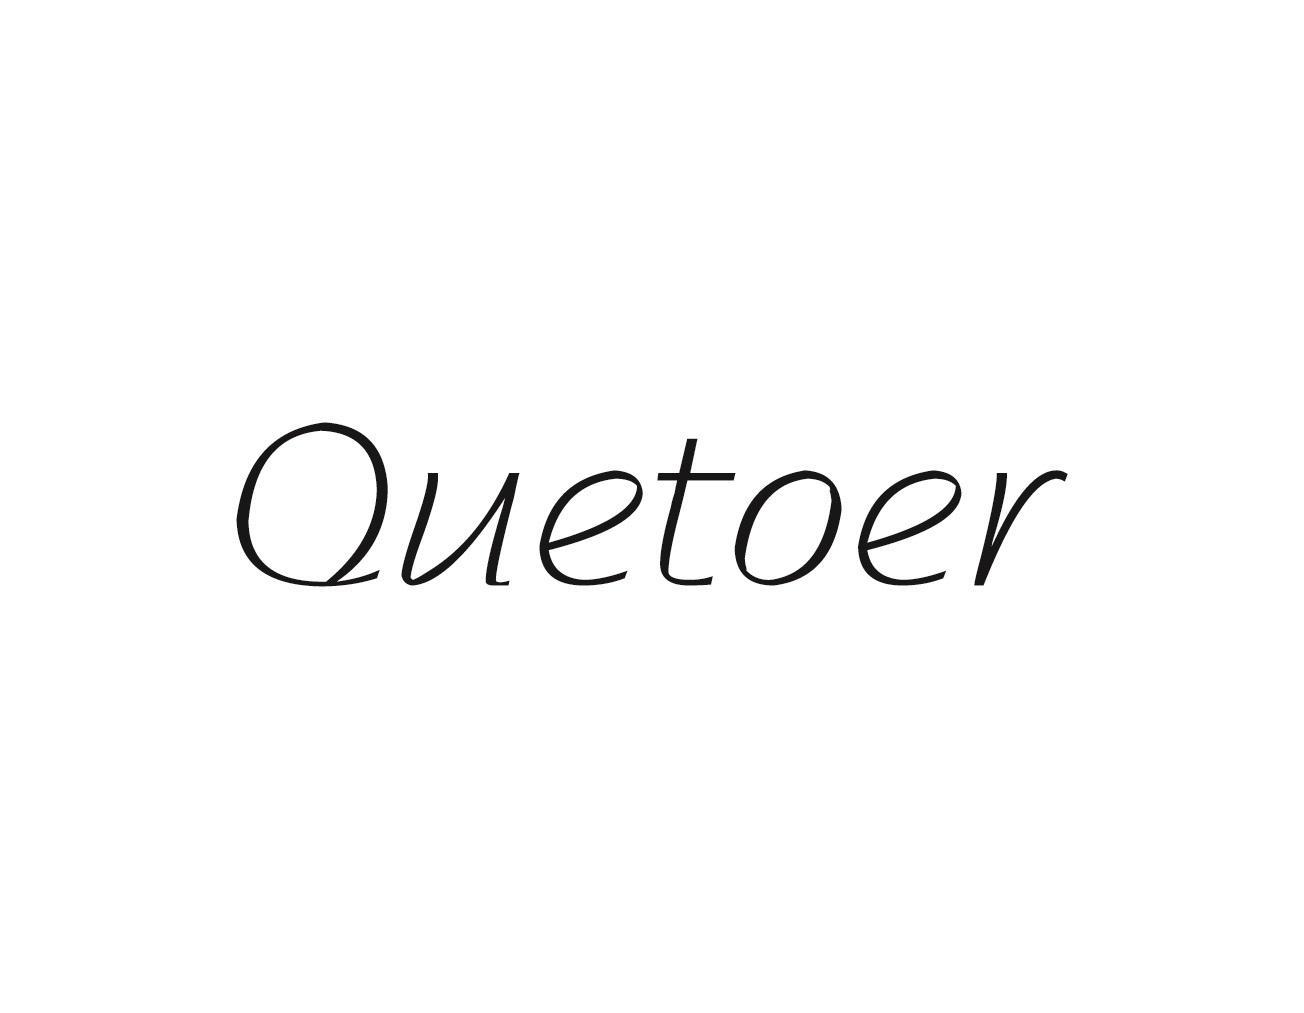 QUETOER